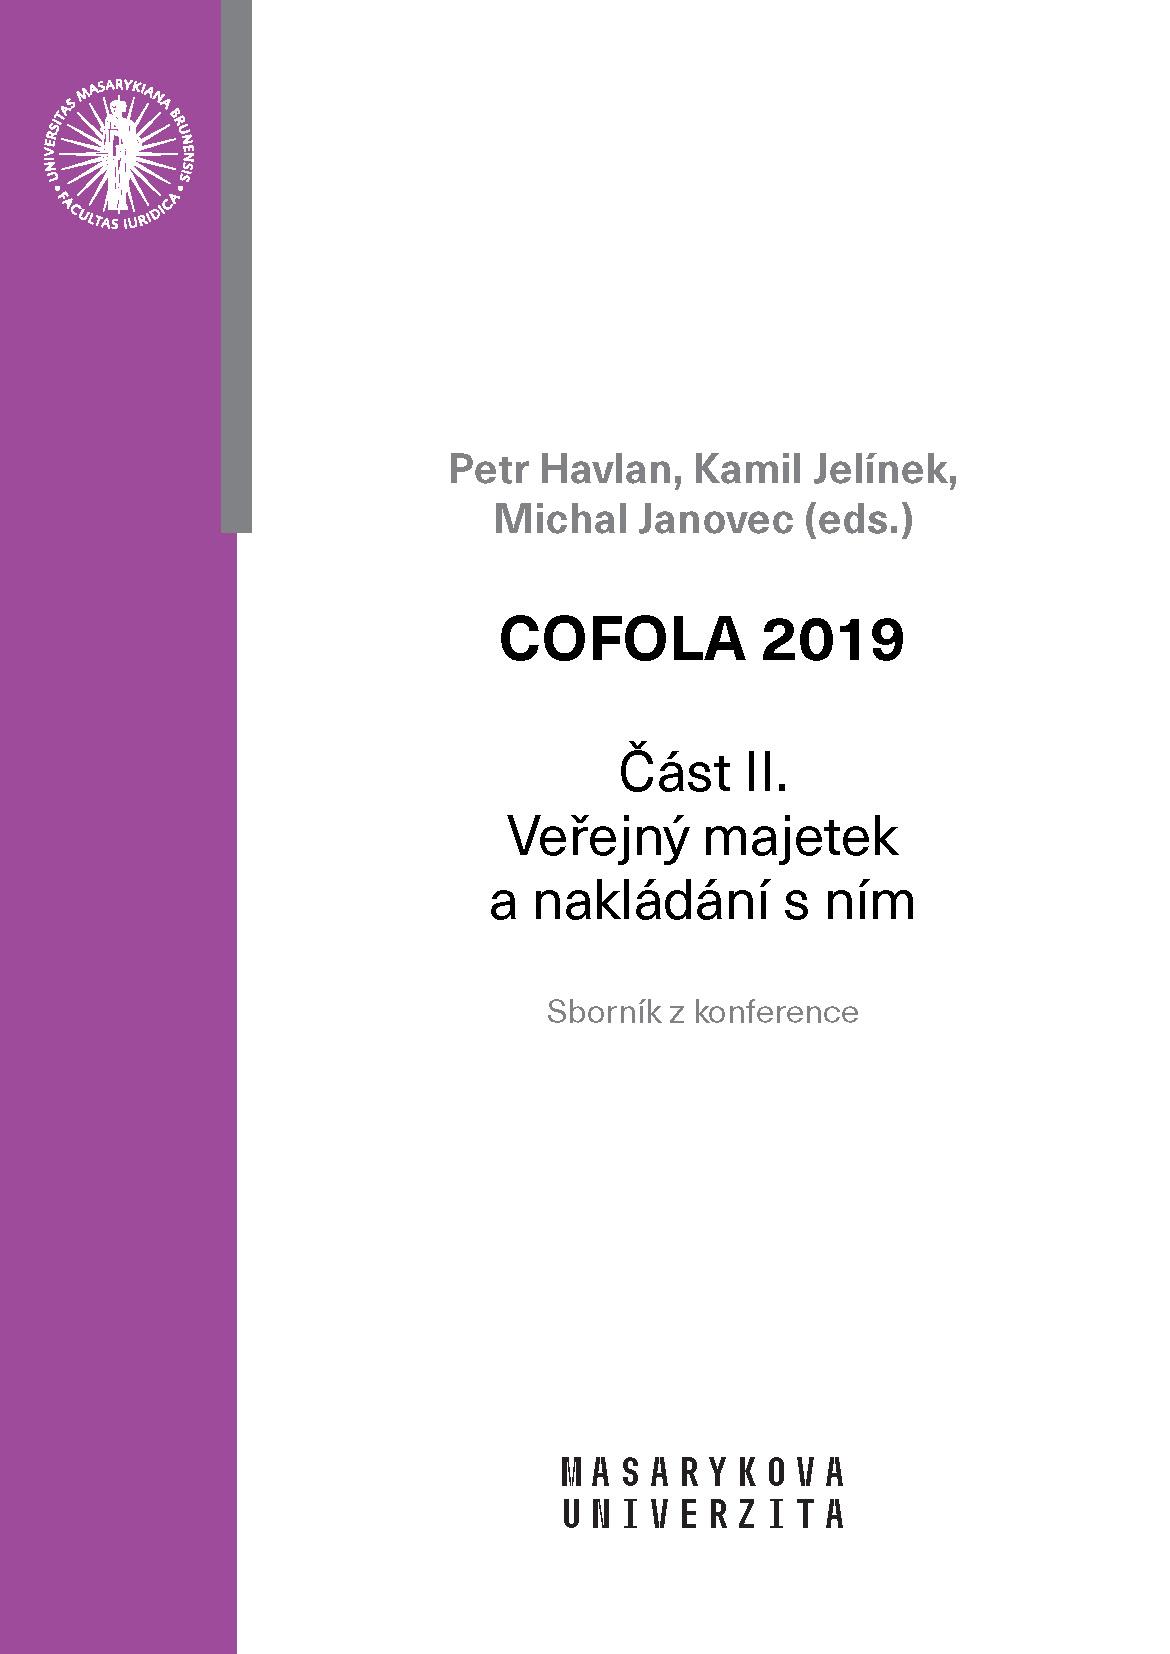 Obálka pro COFOLA 2019. Část II. – Veřejný majetek a nakládání s ním